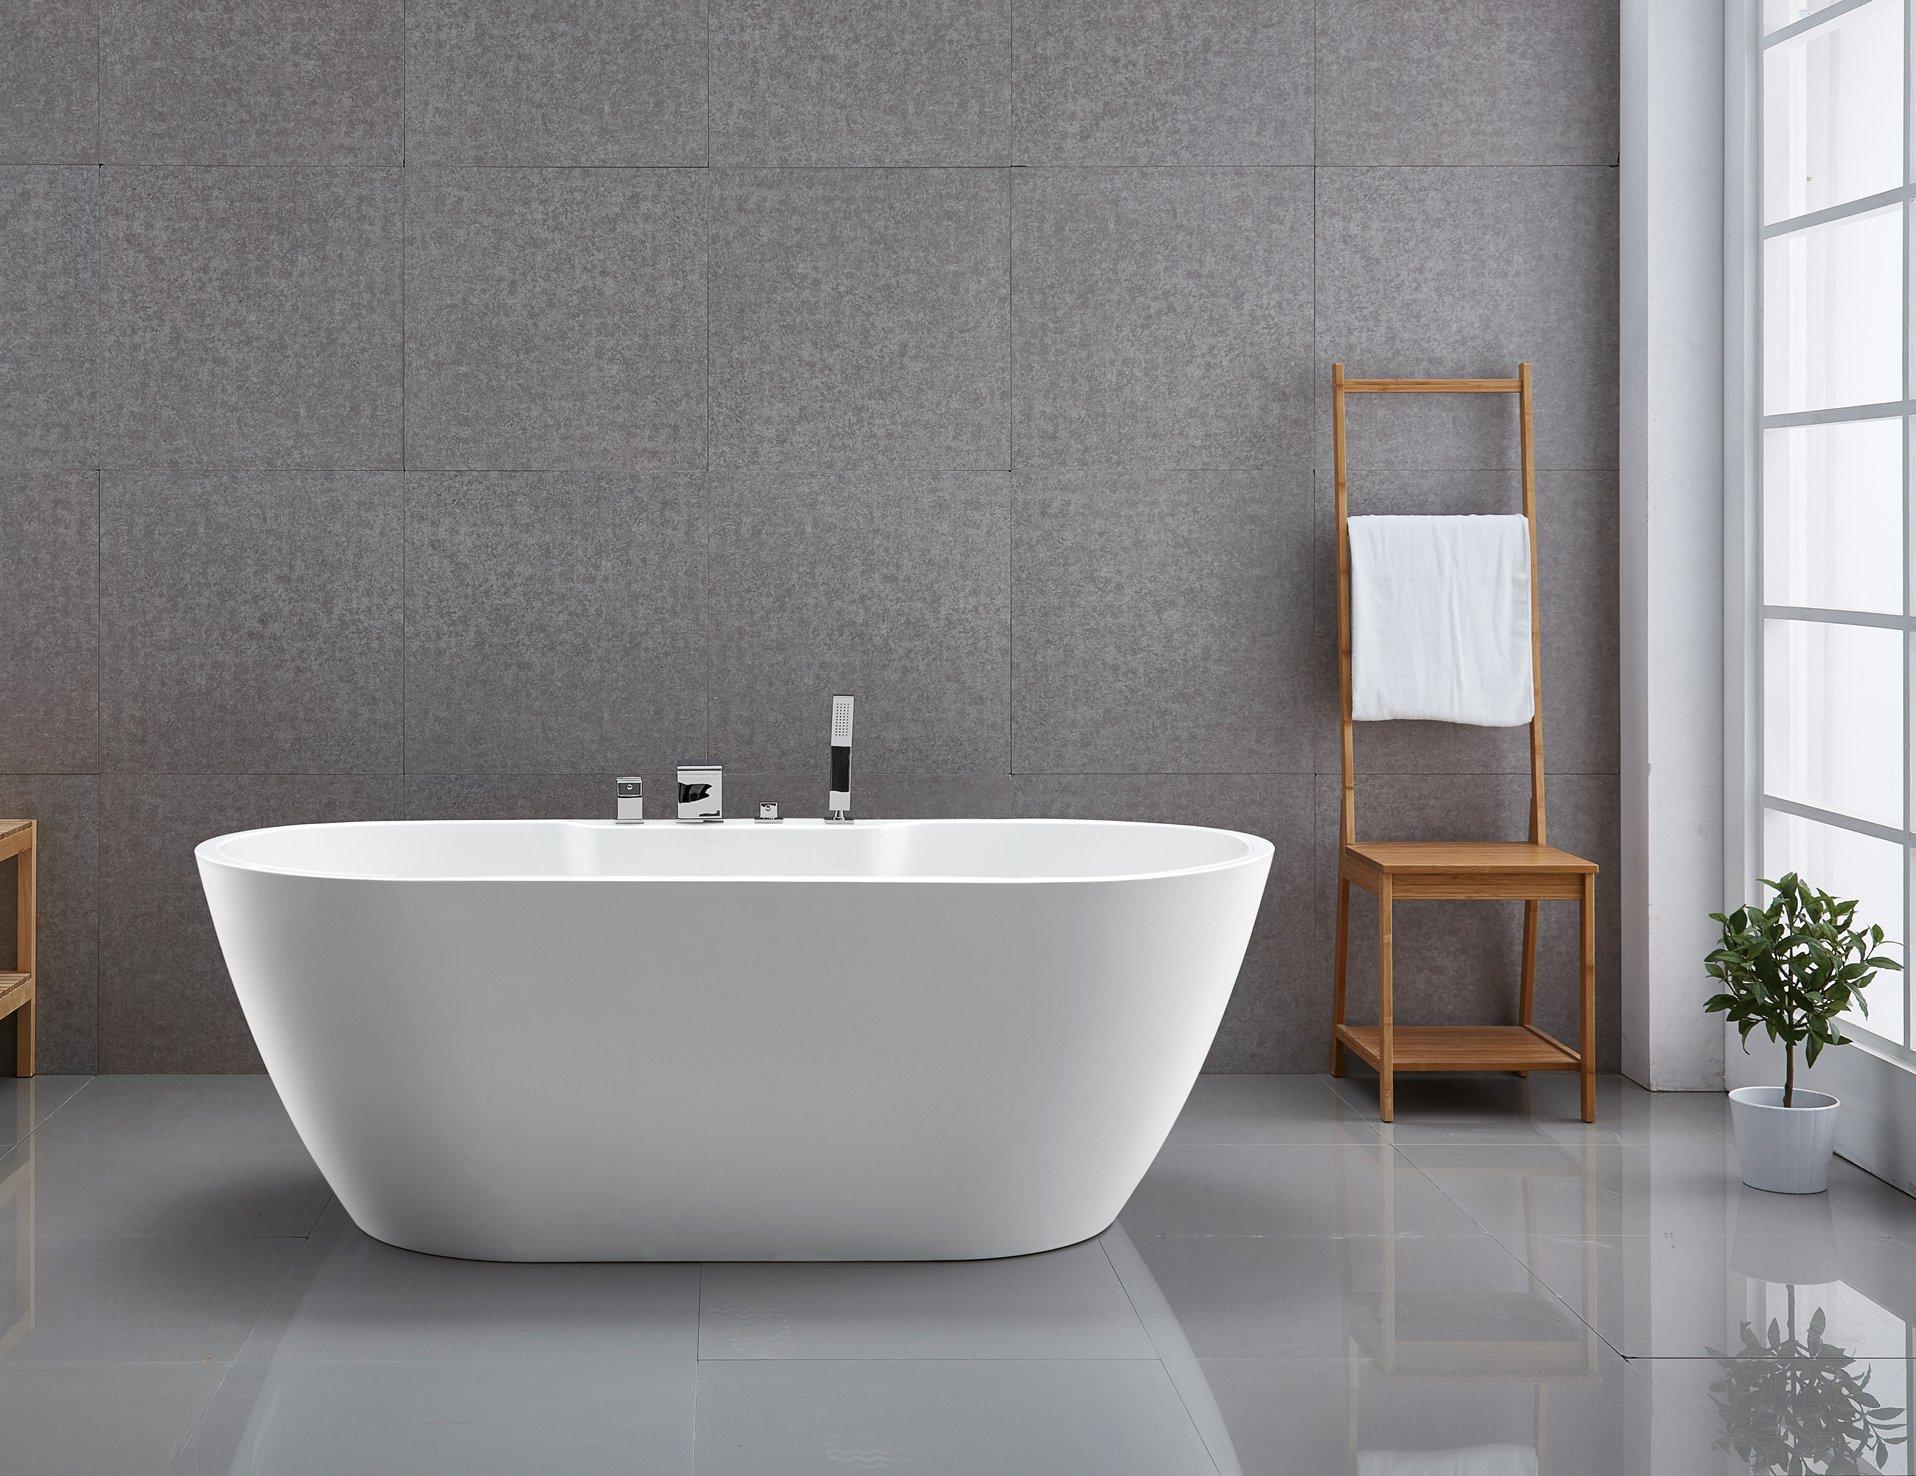 Freistehende Badewanne JAZZ PLUS Acryl weiß - 170 x 80 cm  zoom thumbnail 5